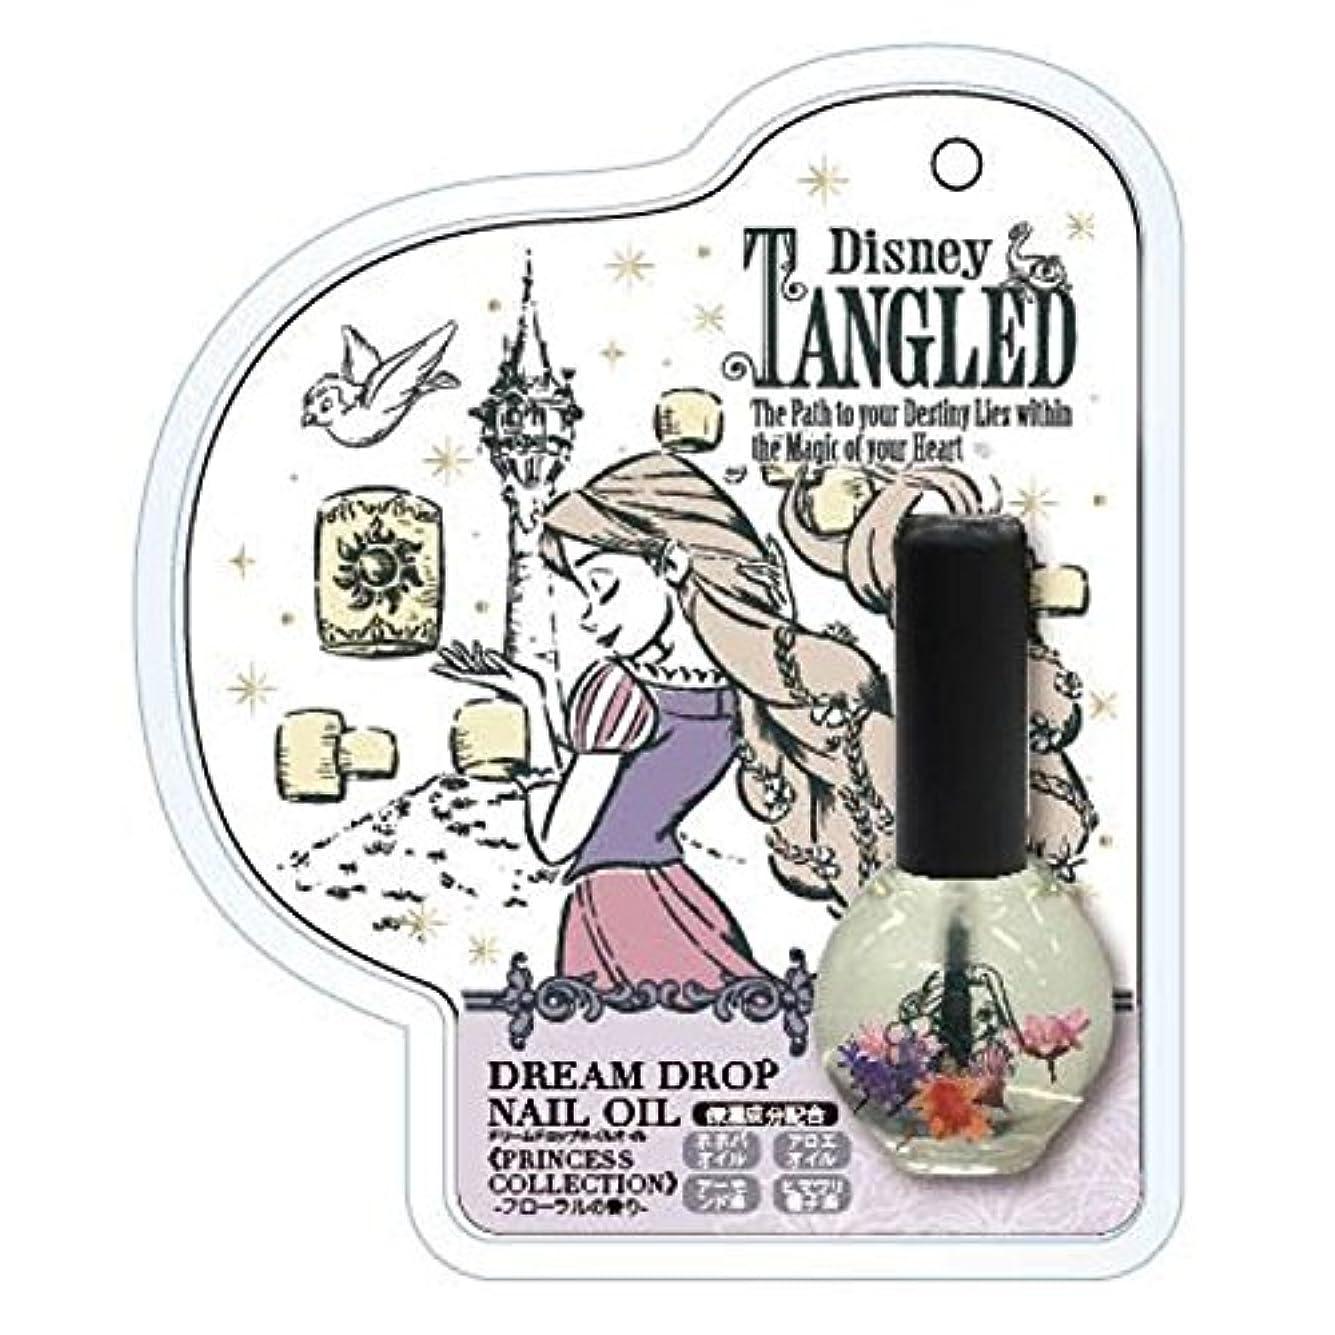 ドリームドロップネイルオイル プリンセスコレクション ラプンツェル -フローラルの香り- DN04751